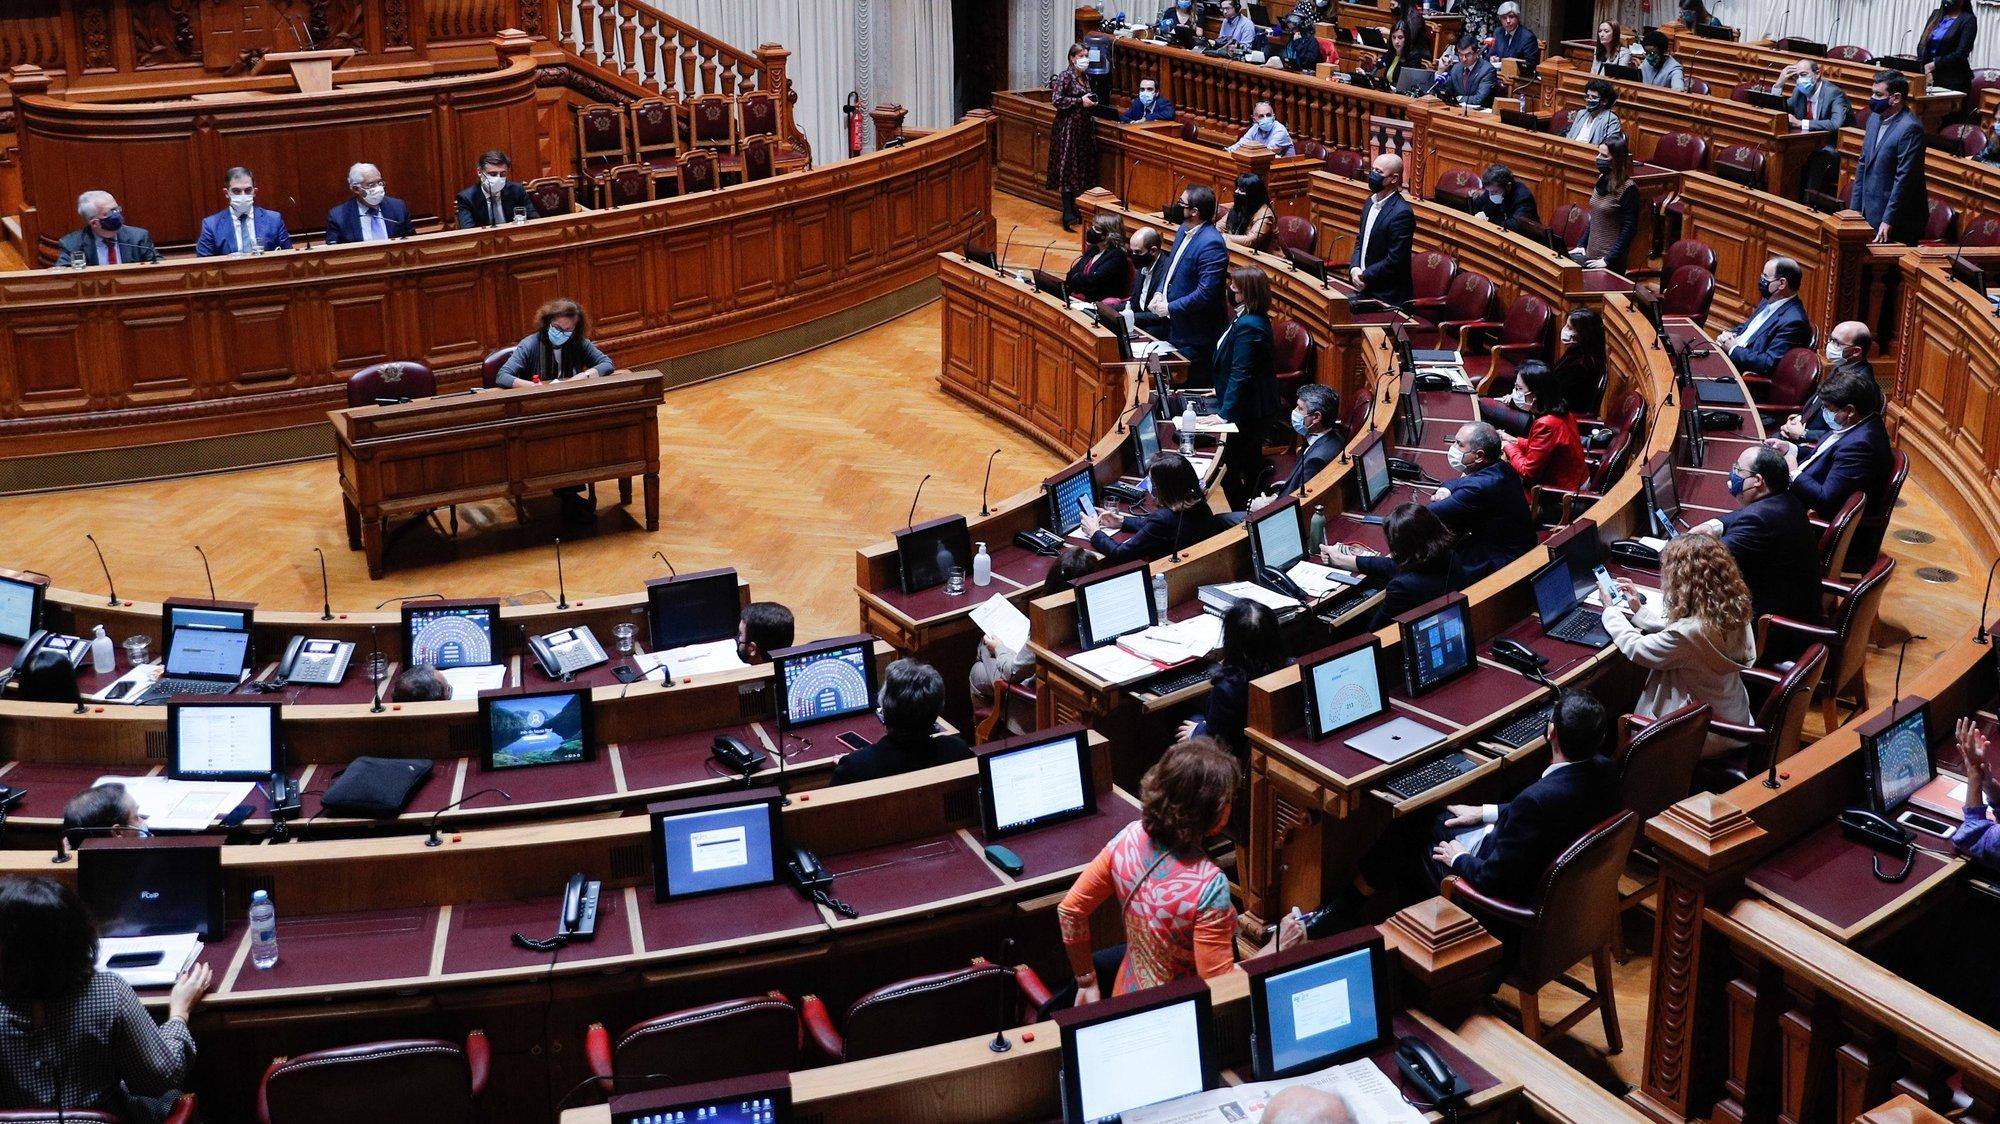 Deputados do Partido Comunista Português (PCP) votam contra o pedido de autorização de renovação do estado de emergência na Assembleia da República, em Lisboa, 20 de novembro de 2020. ANTÓNIO COTRIM/LUSA